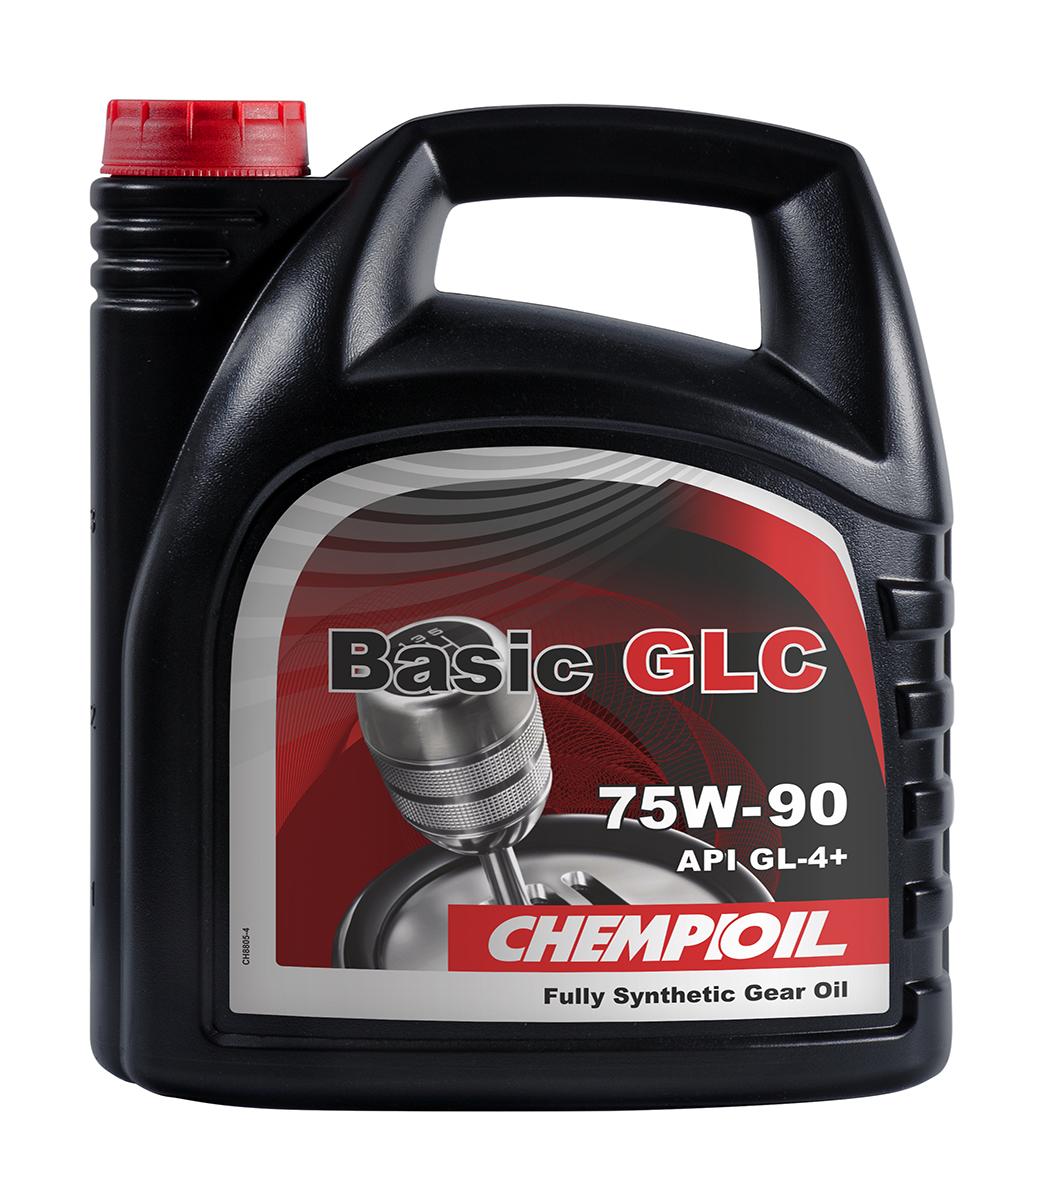 BASIC GLC 75W-90